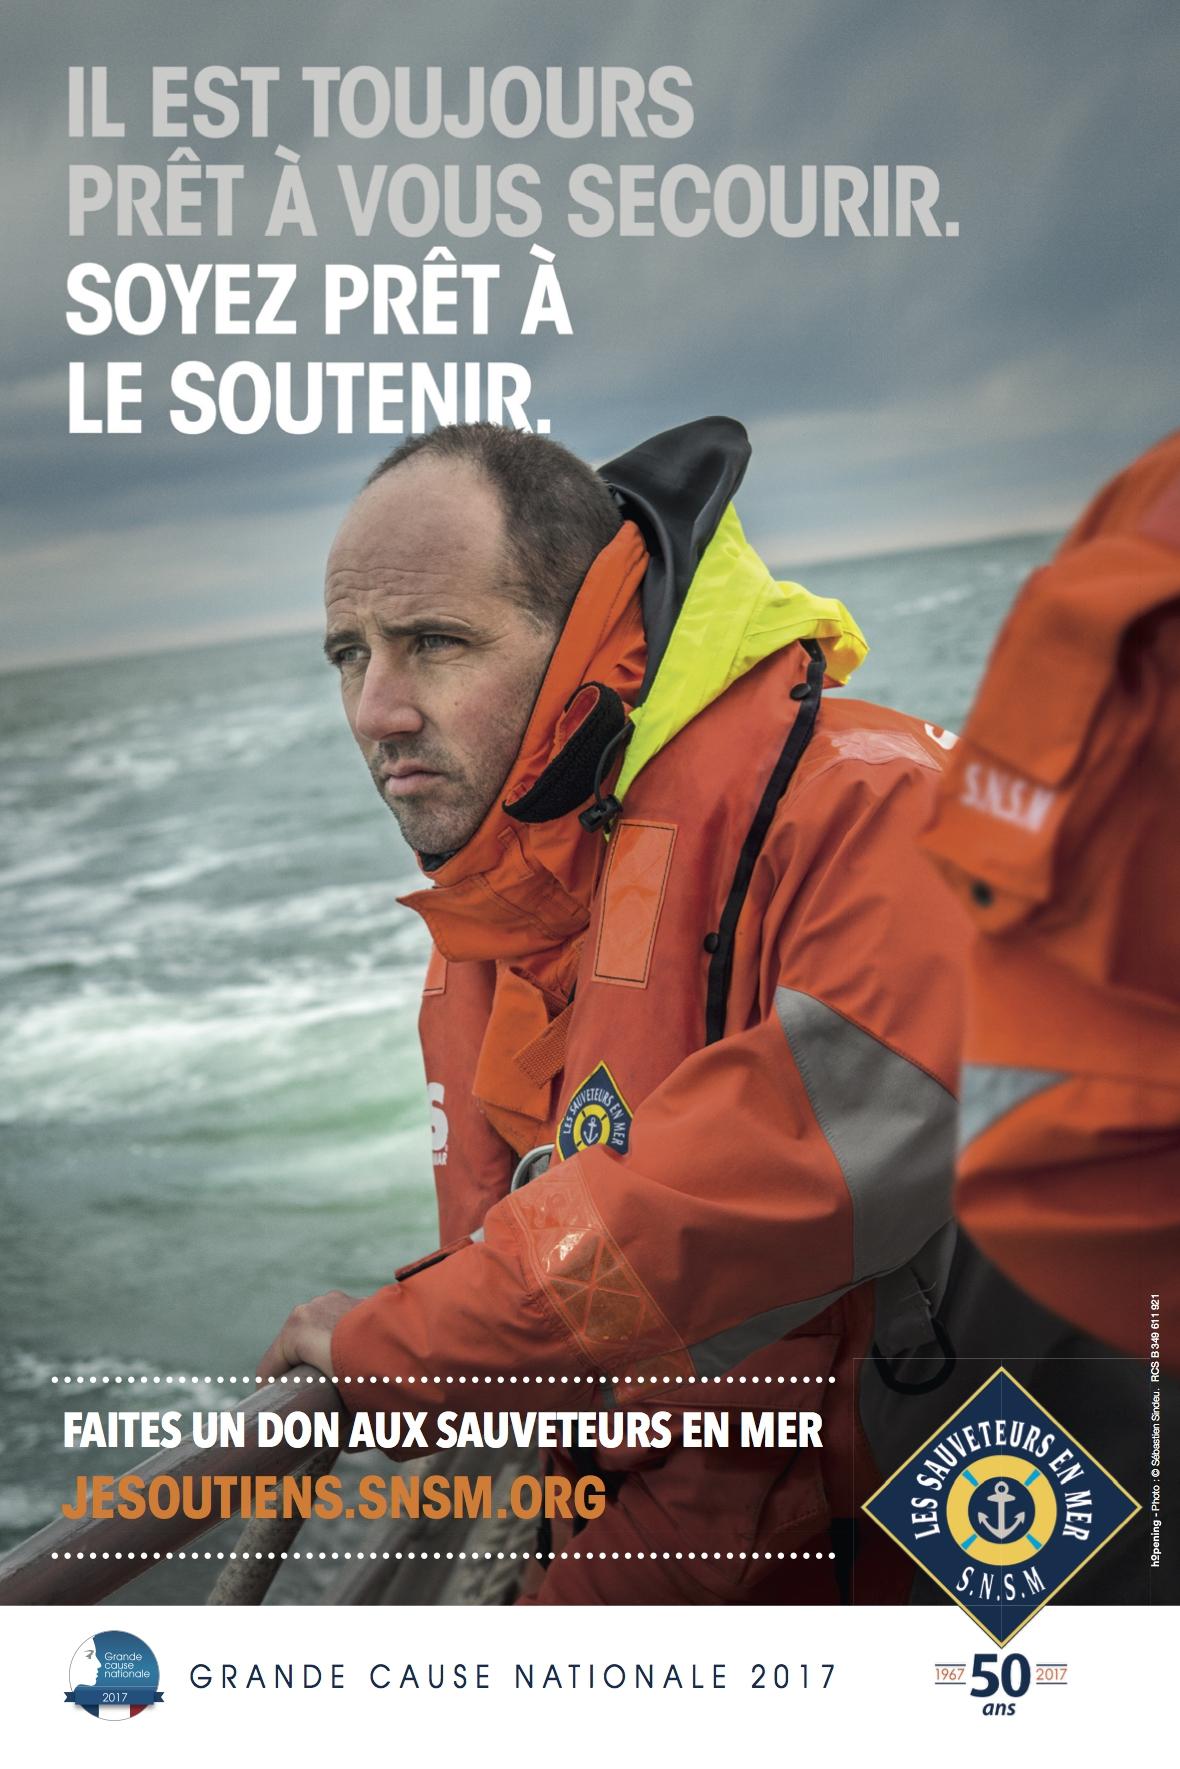 mer,sauveteurs,sauvetage,29 juin,journée nationale du sauvetage en mer,société nationale de sauvetage en mer,snsm,50 ans,atlantique,brest,méditerranée,toulon, manche,mer du nord,ouistreham.